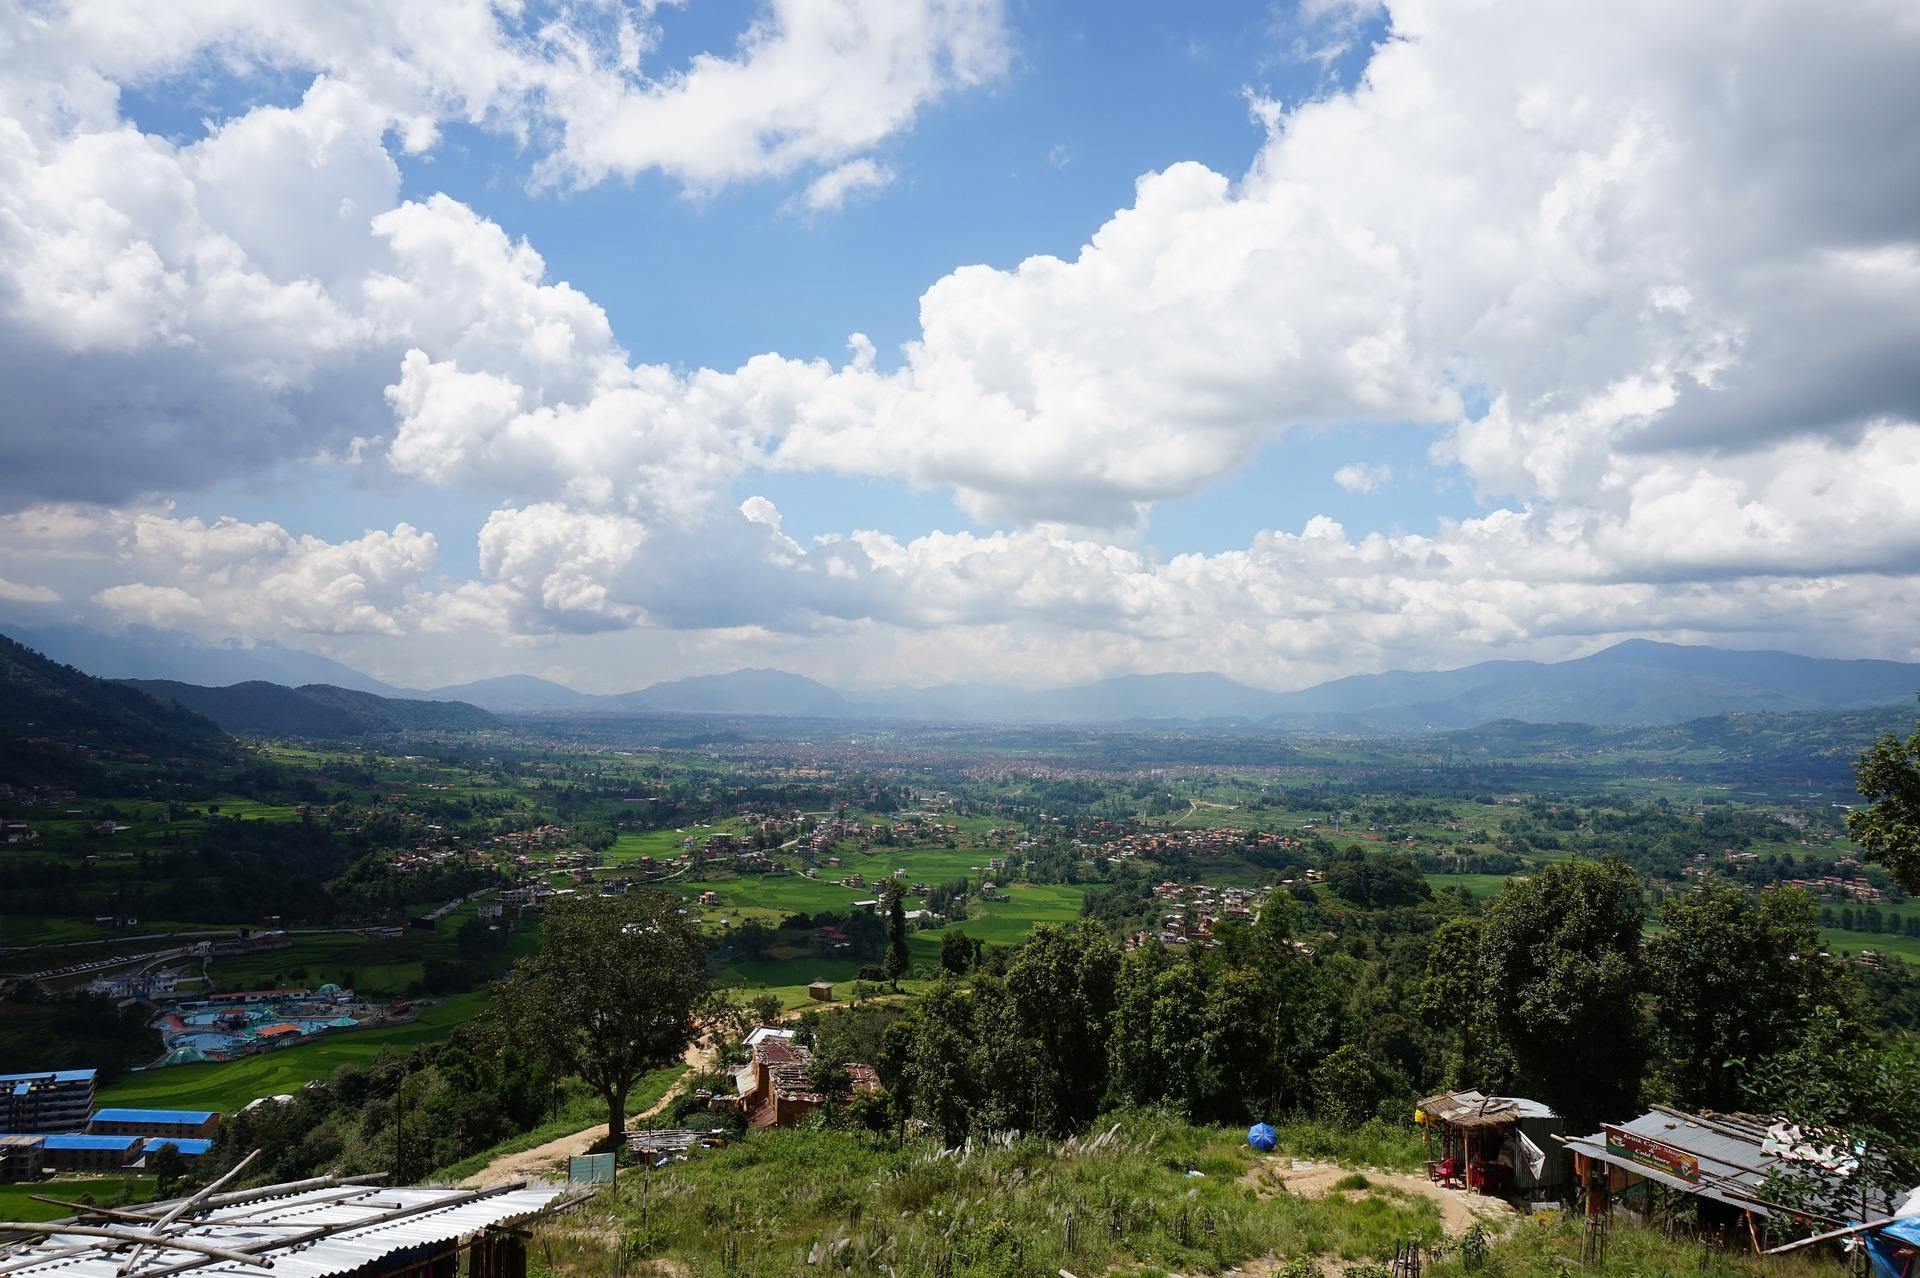 kathmandu-643084_1920.jpg